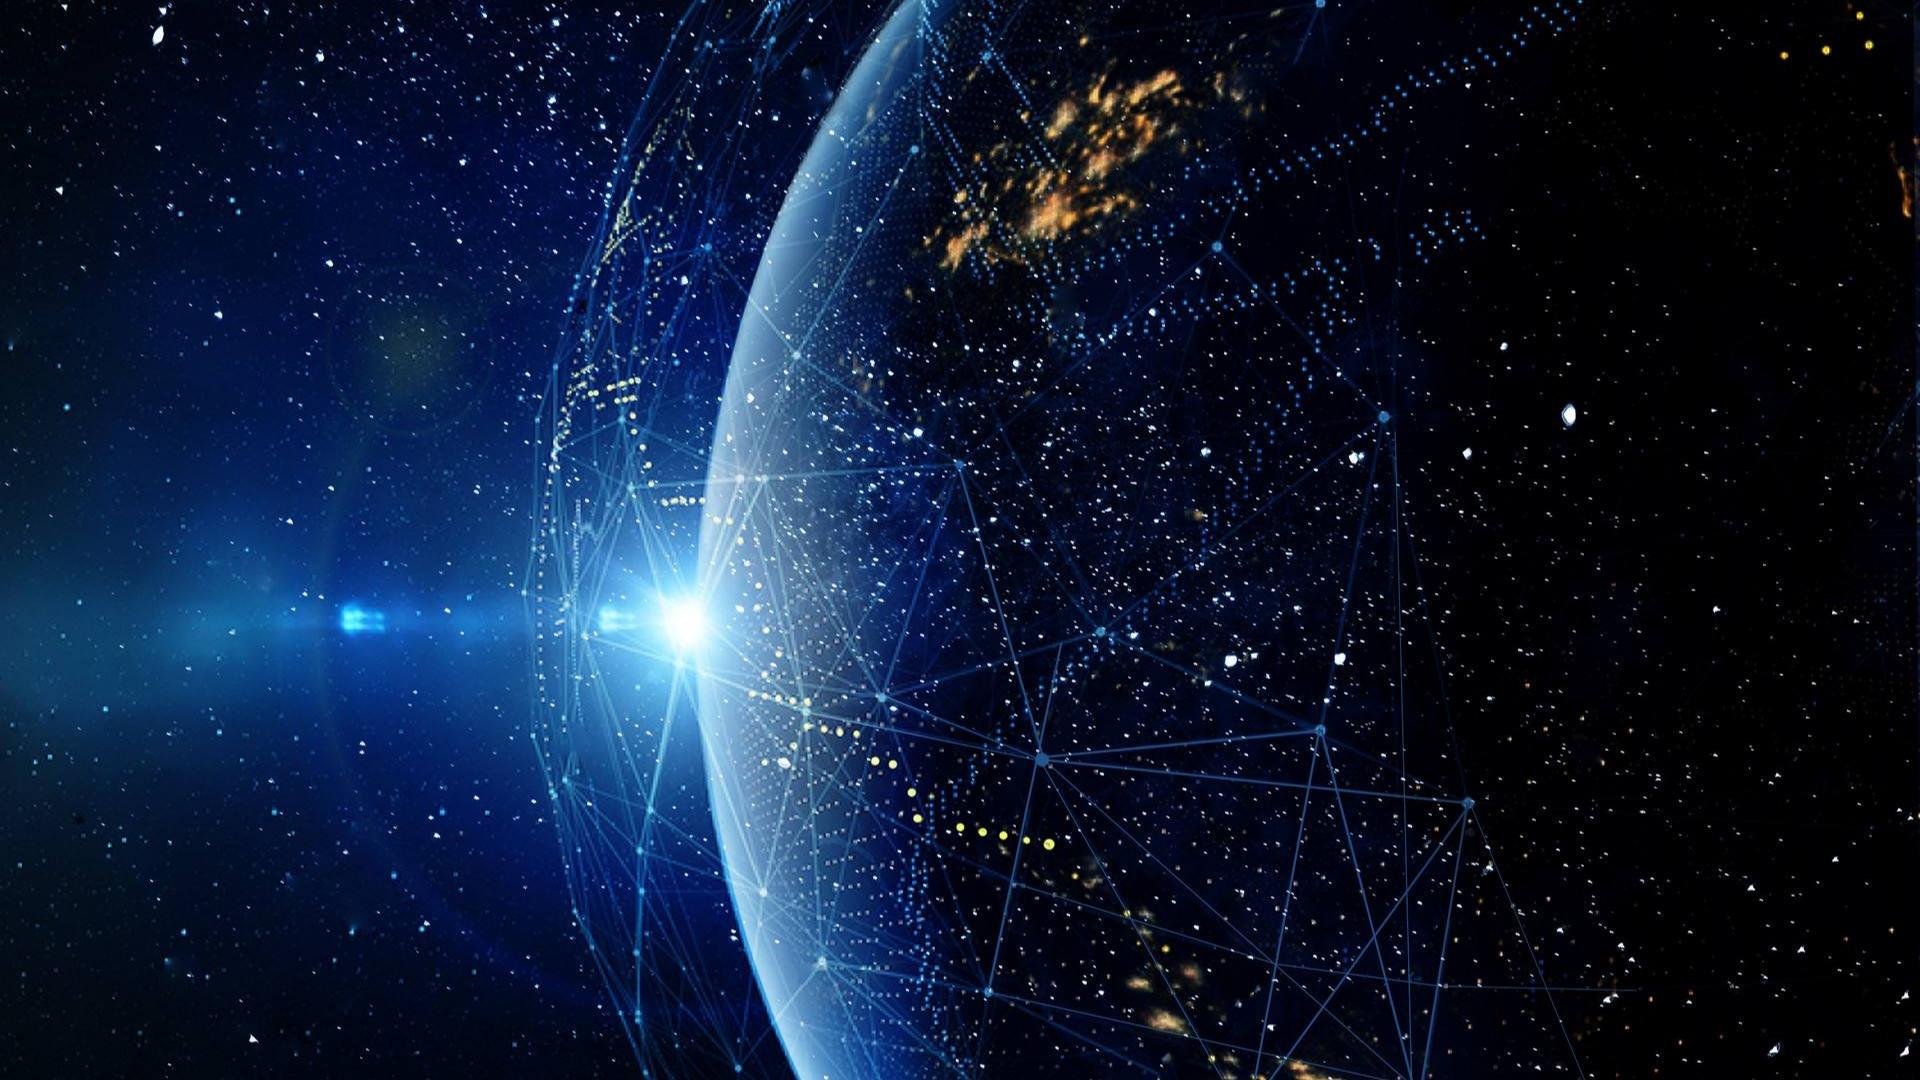 大数据时代下的数据安全管理重点和体系建设思路